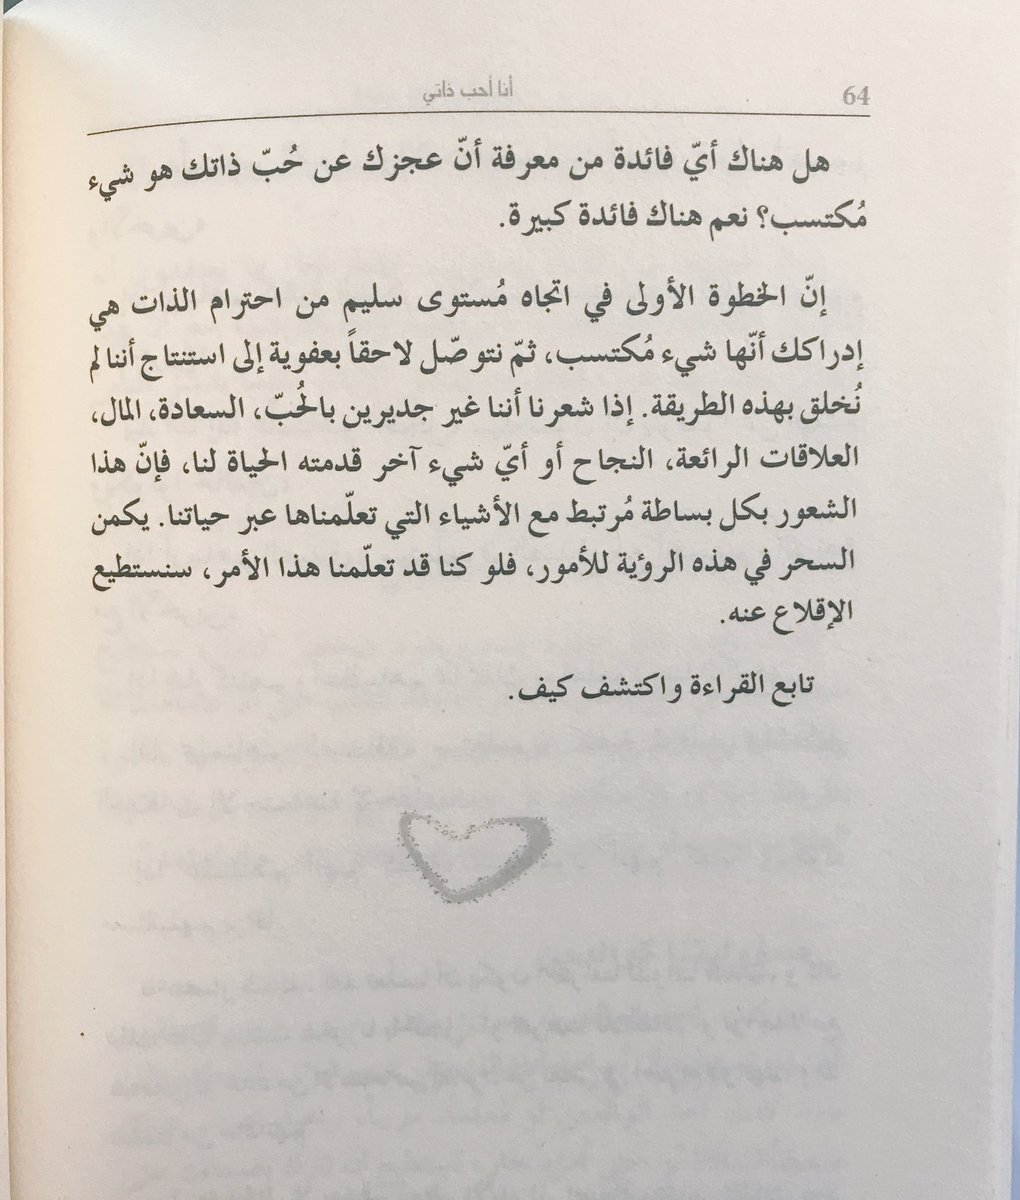 صورة حب الذات في علم النفس , تفسير مشكله حب الانسان لنفسه